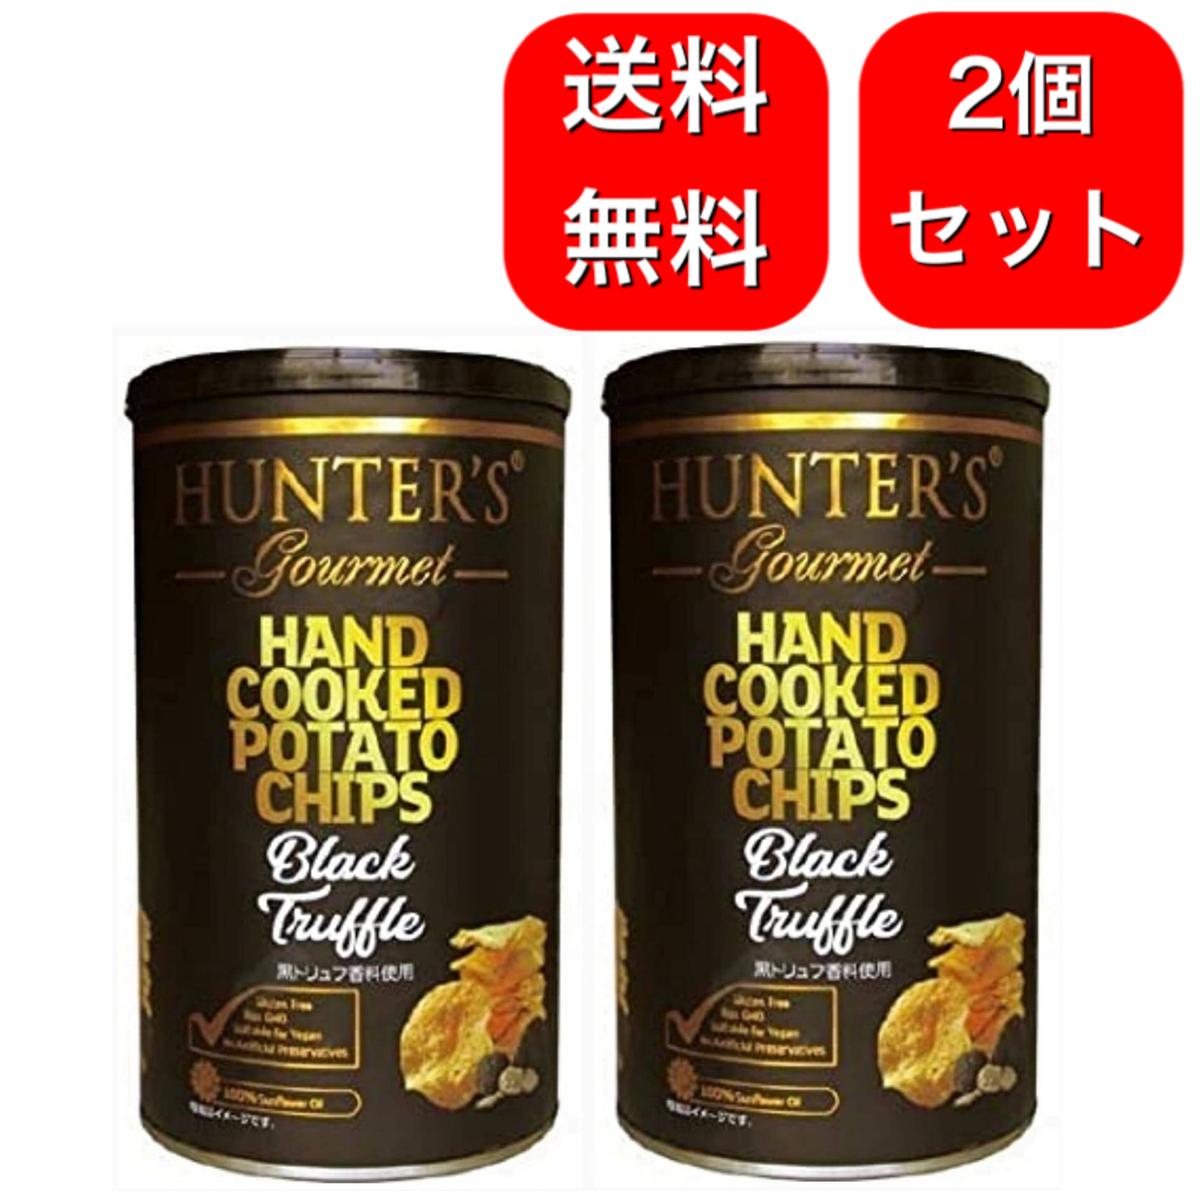 デポー 全国一律送料無料 ラッピング無料 2個セット ハンター ポテトチップス 150g 黒トリュフ風味